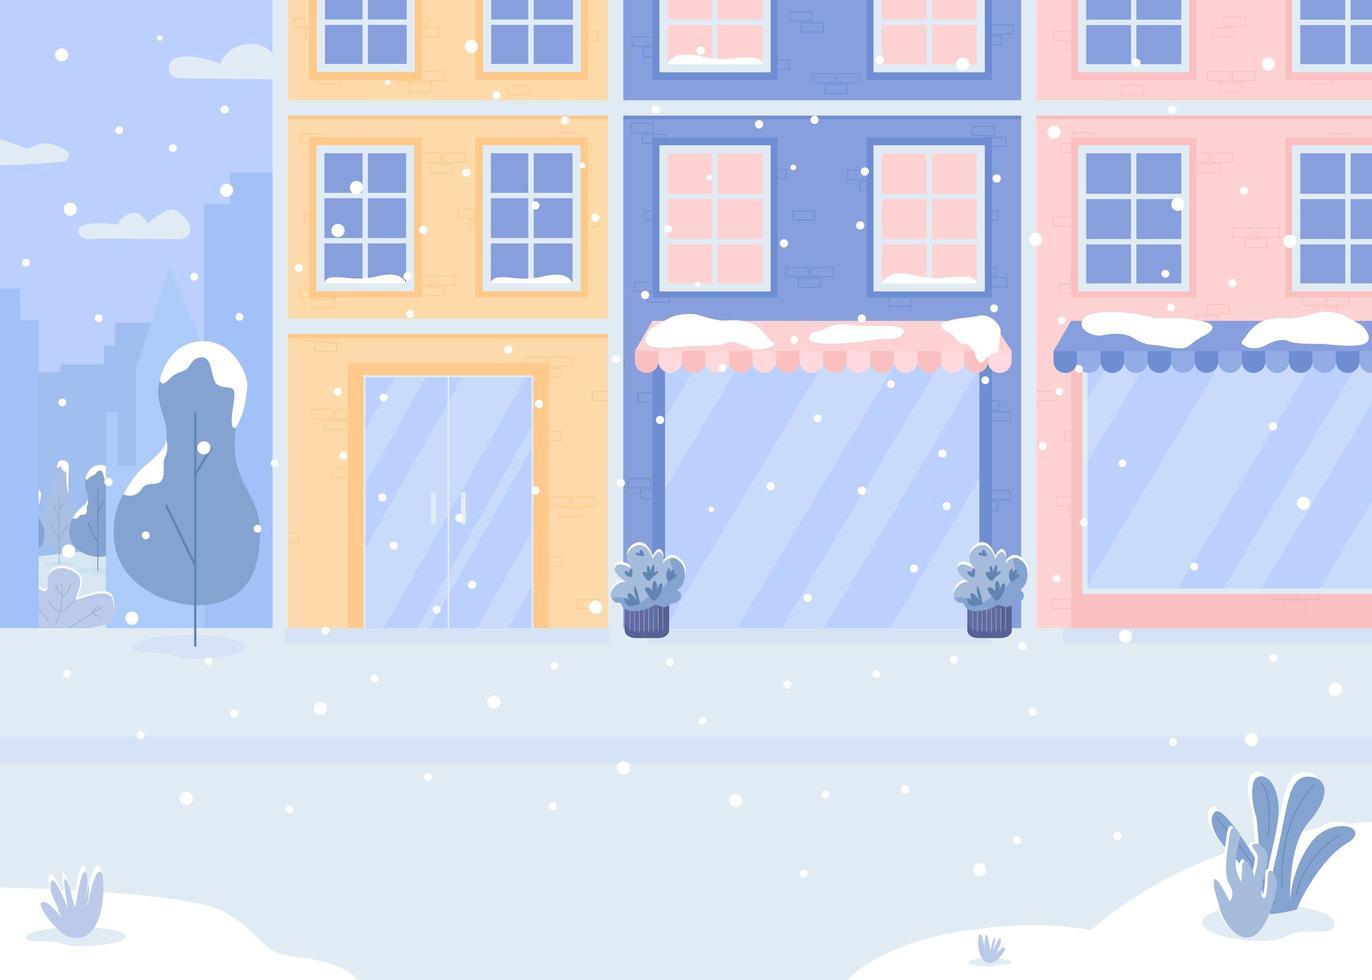 cubierto de nieve calle vector